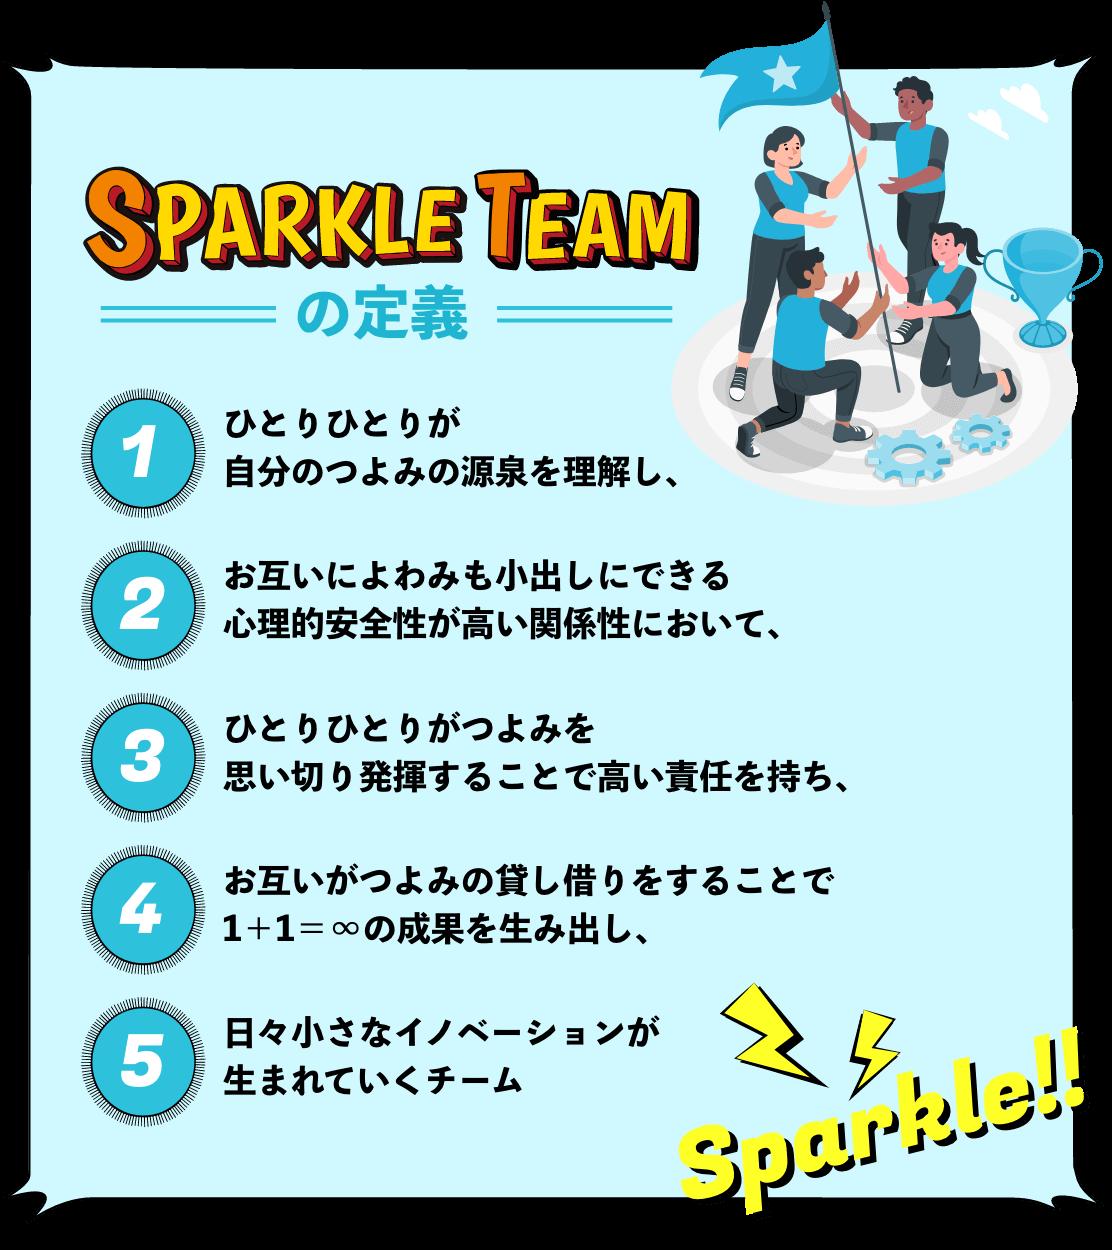 スパークルチームの定義